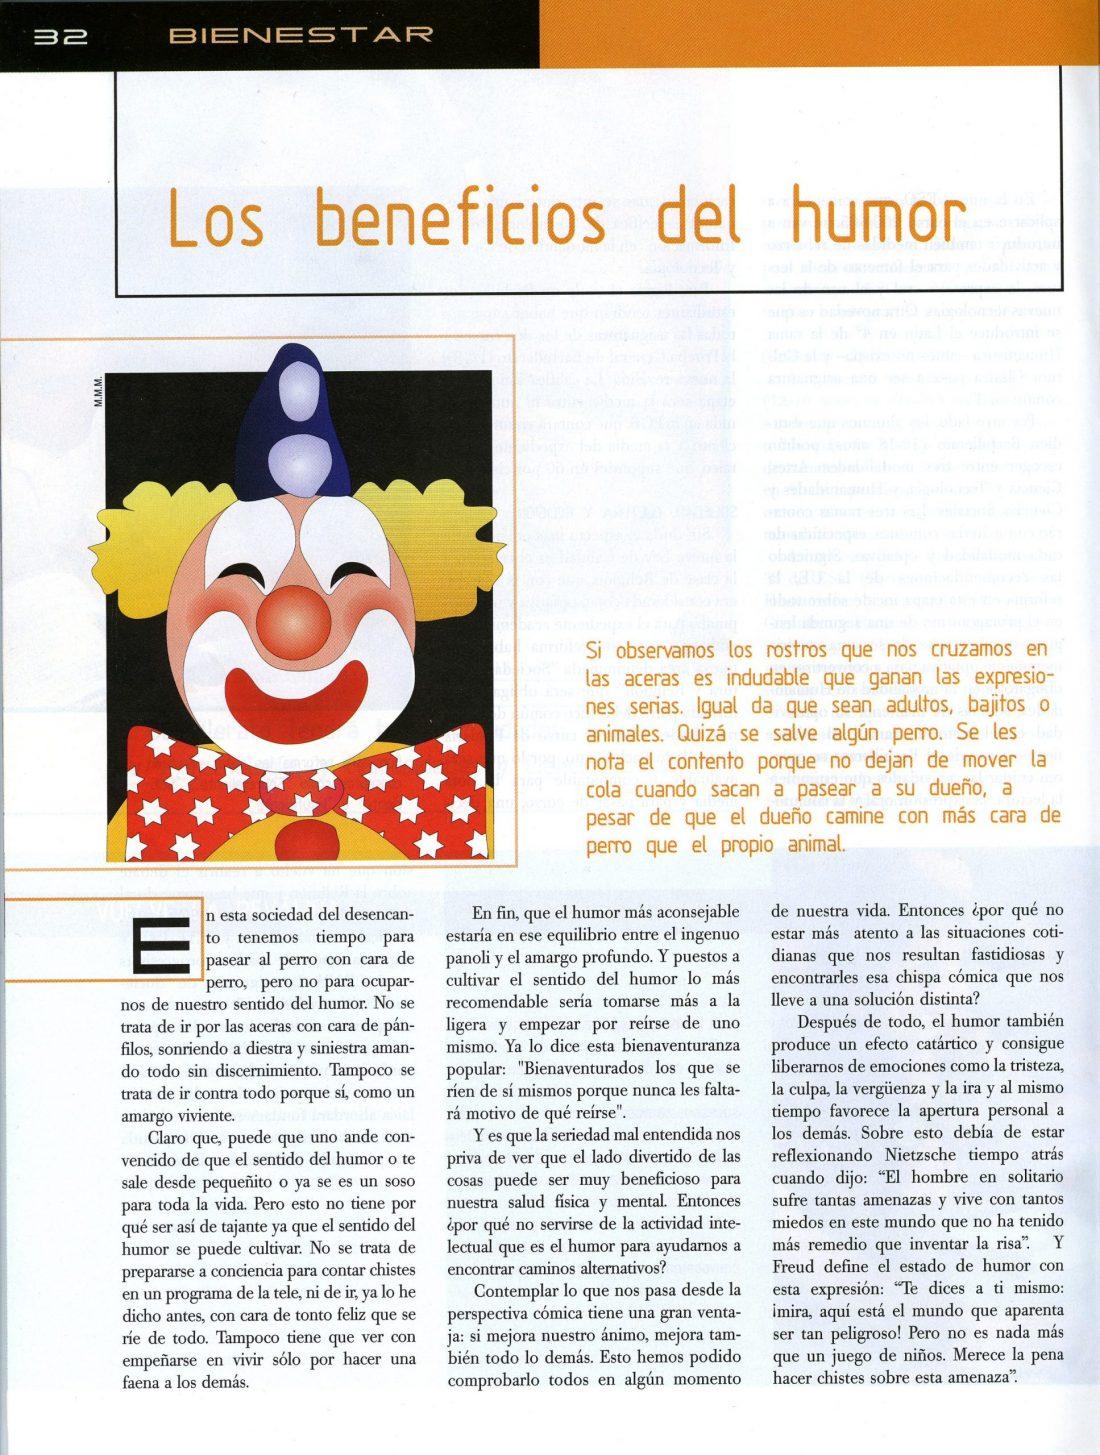 Los Beneficios del humor 1